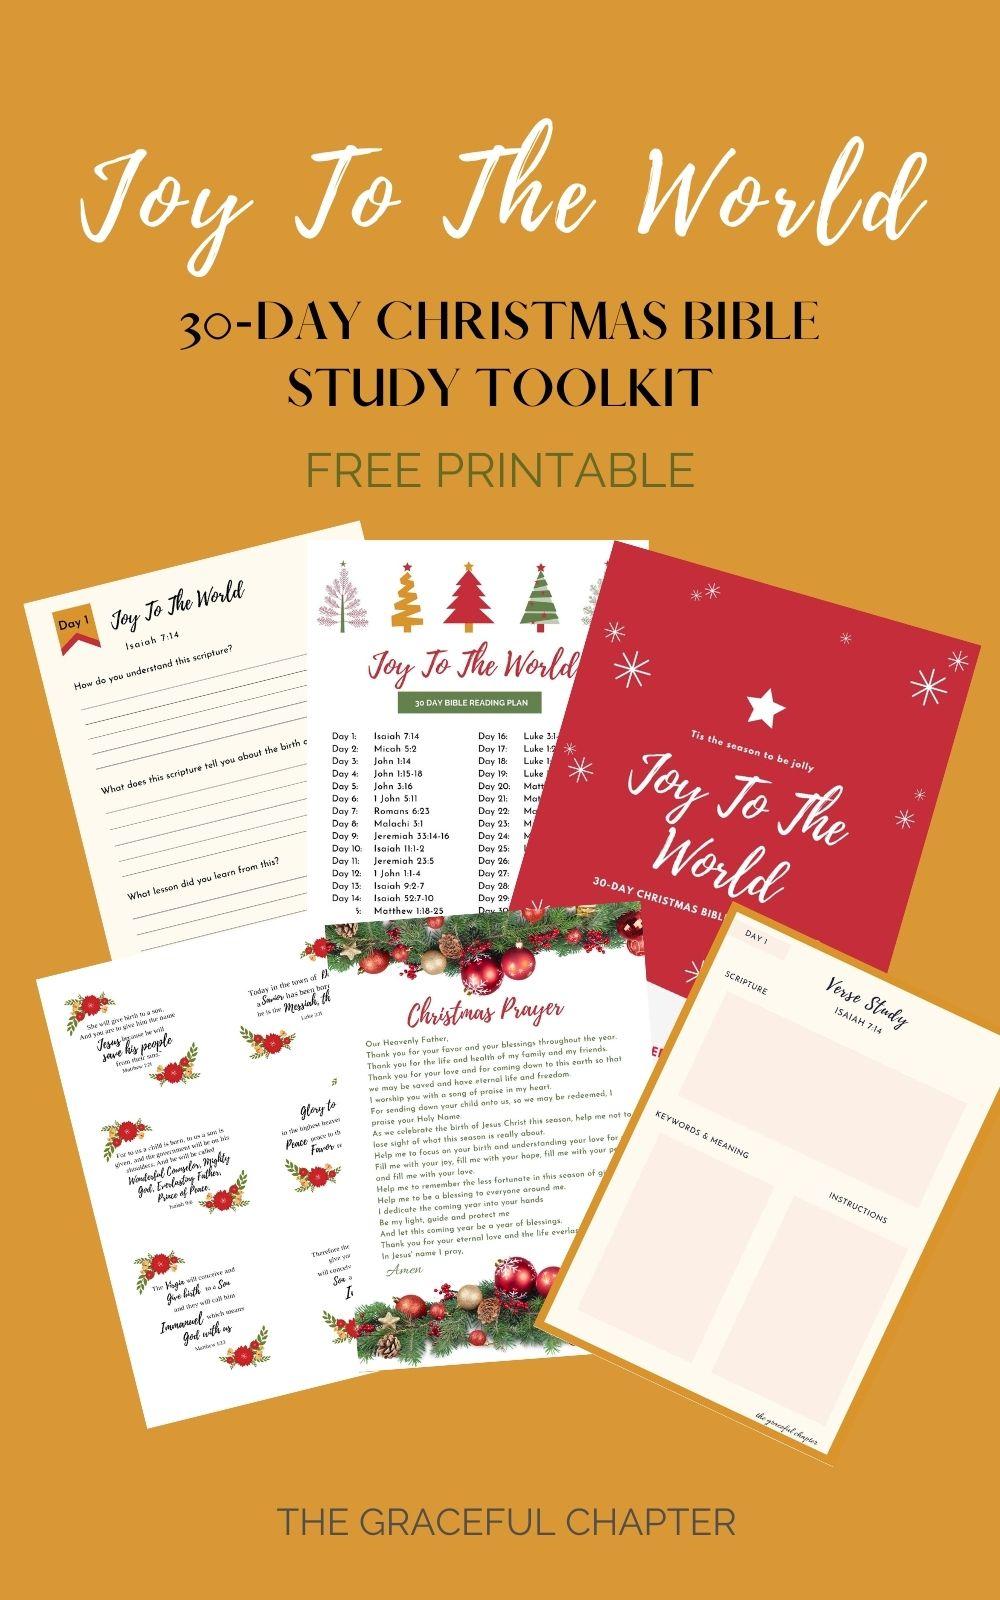 Joy to the world - Christmas Bible Study toolkit